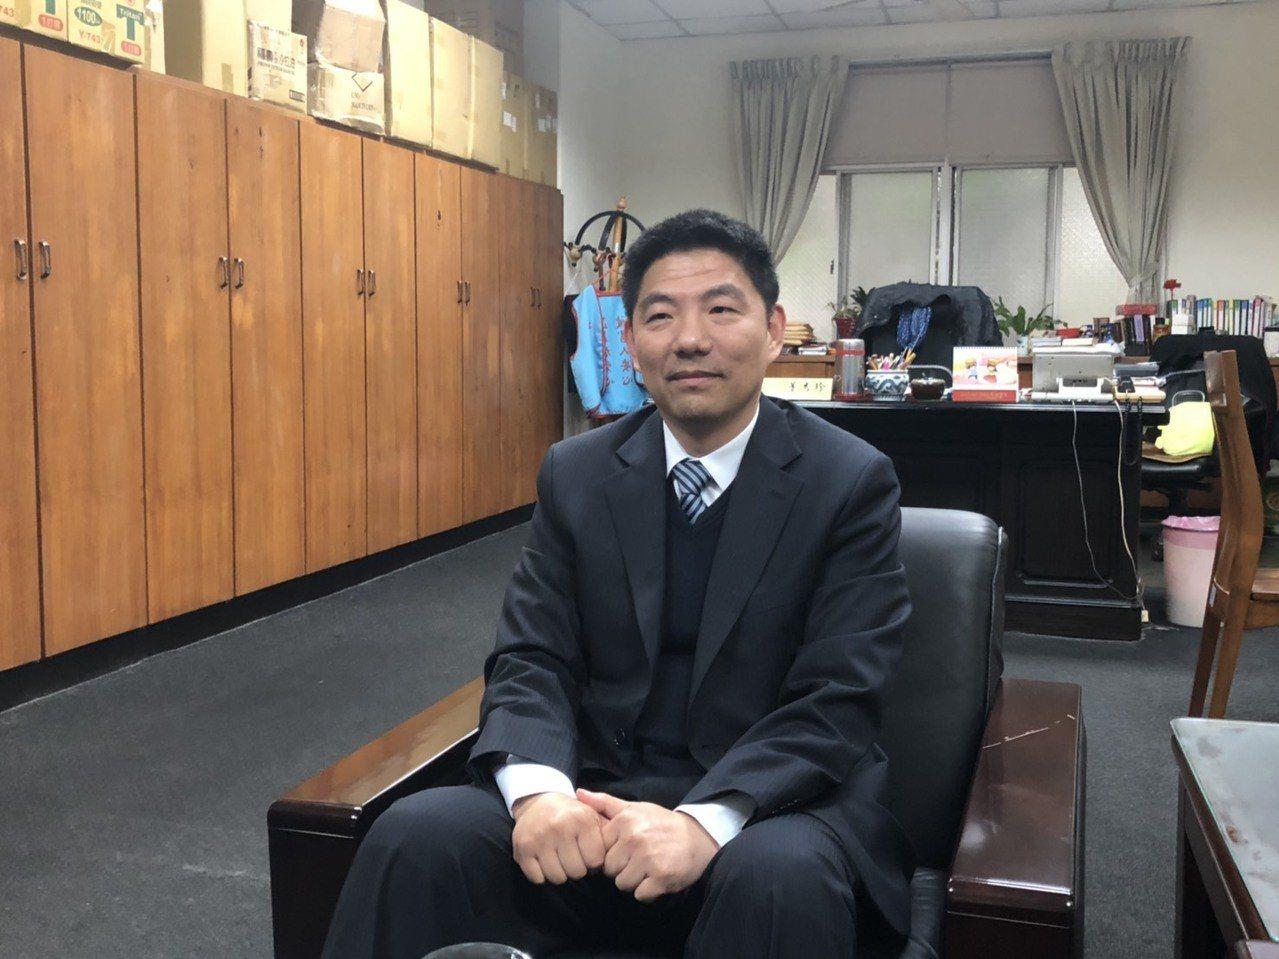 金門地檢署檢察長洪家原表示,去年的五合一選舉共計有5案,6人遭聲押,檢方會持續偵...